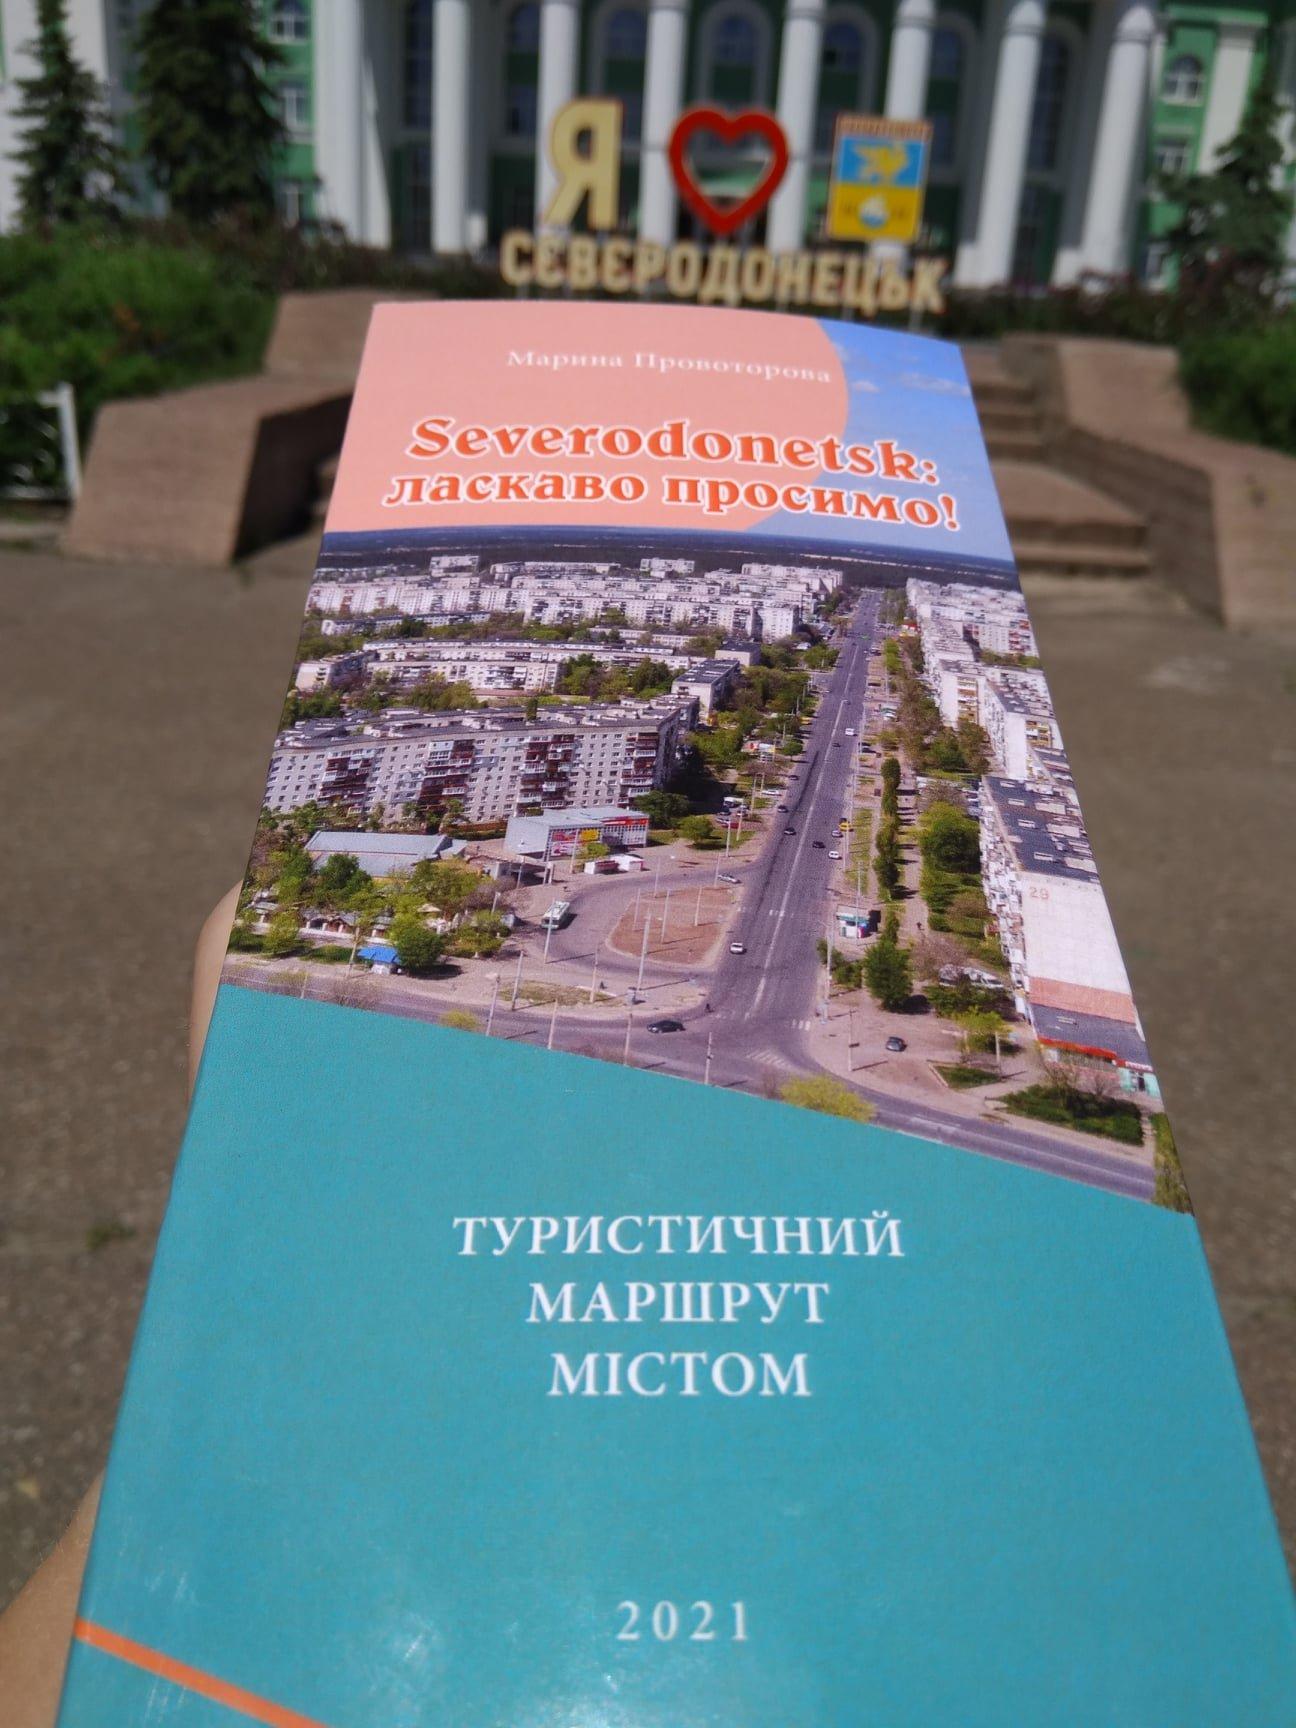 В Северодонецке появился туристический путеводитель , фото-1